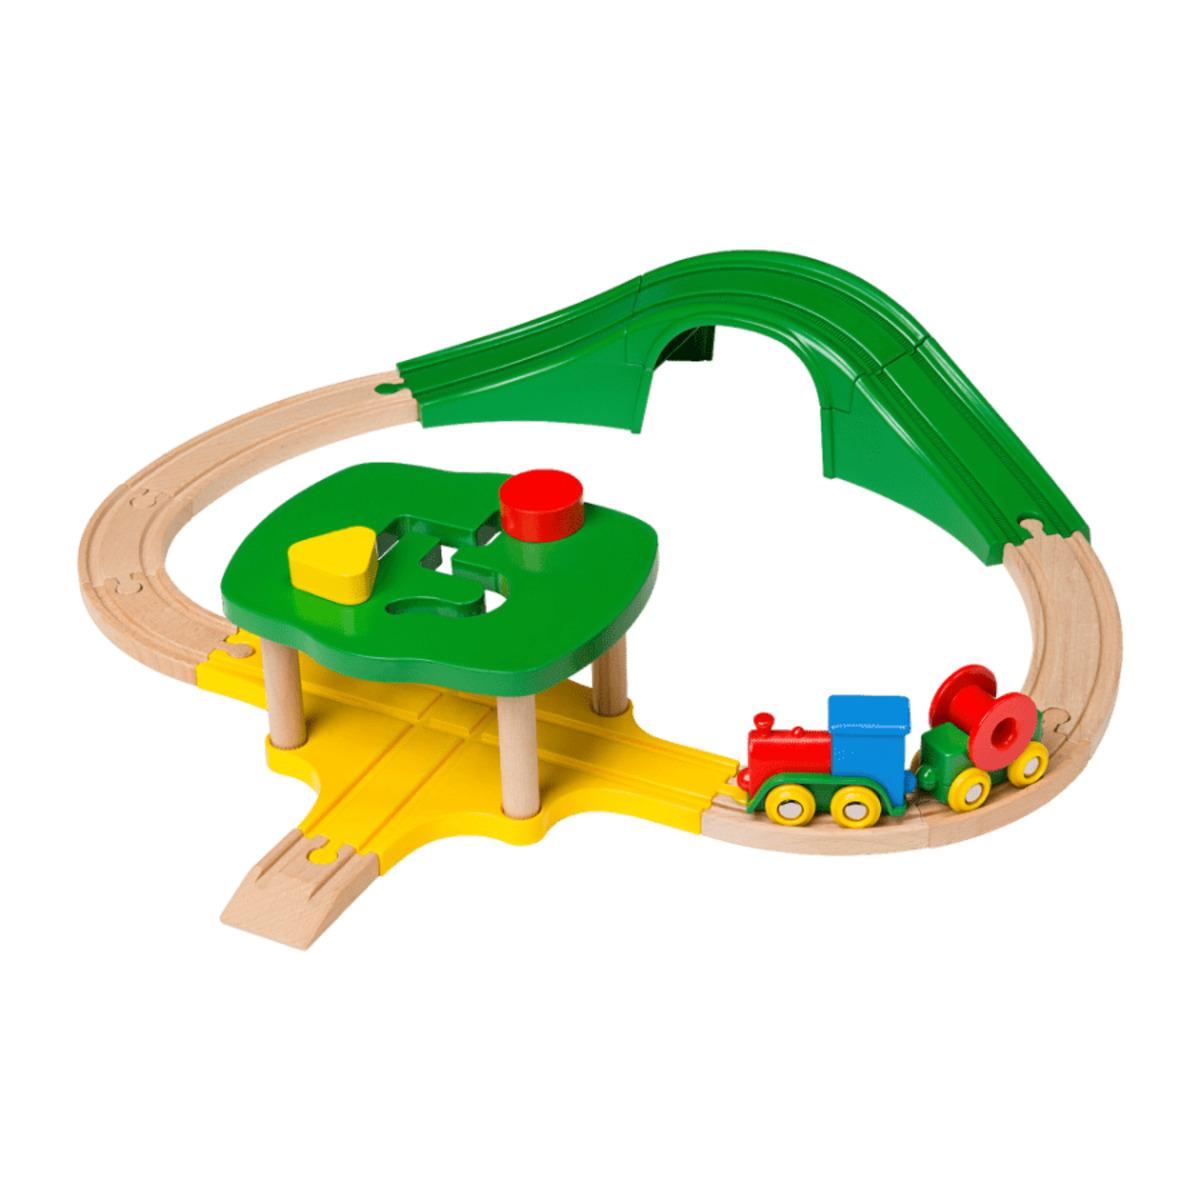 Bild 4 von PLAYLAND     Meine erste Holz-Eisenbahn